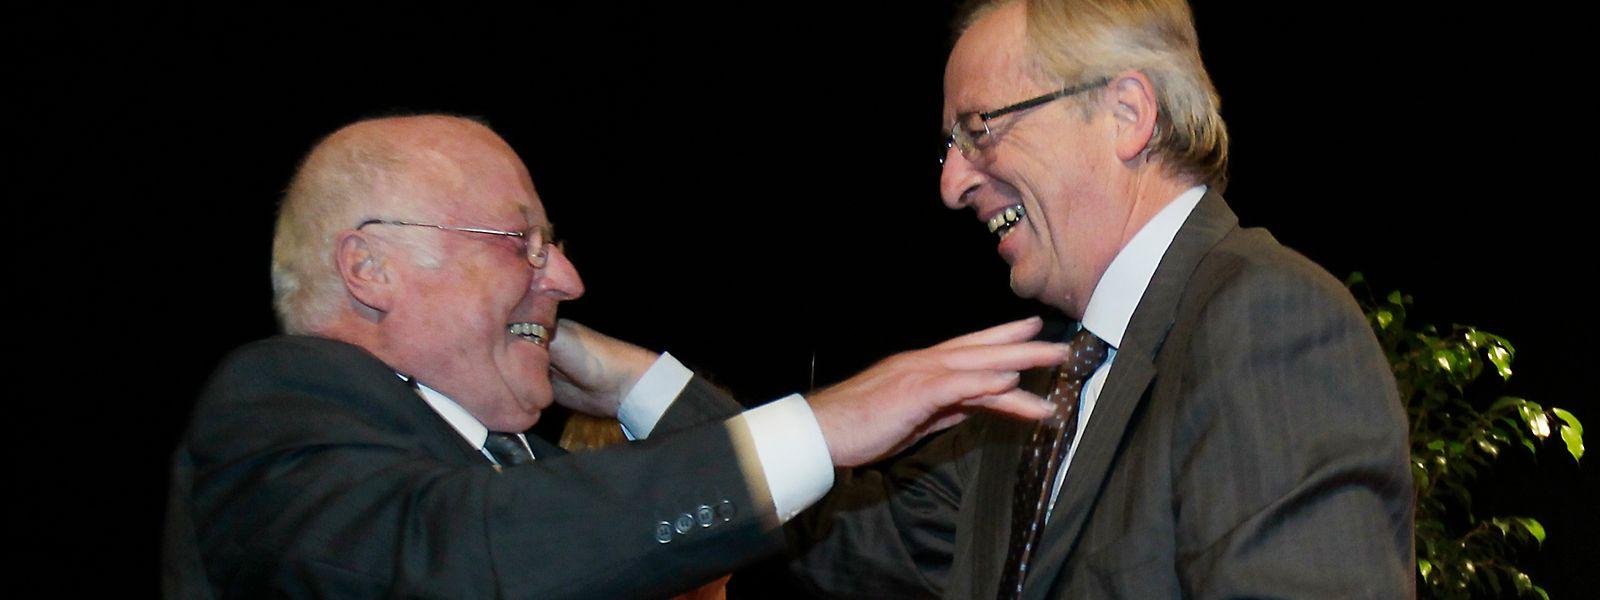 Norbert Blüm nimmt Jean-Claude Juncker bei der Journée sociale 2011 in Luxemburg in die Arme.